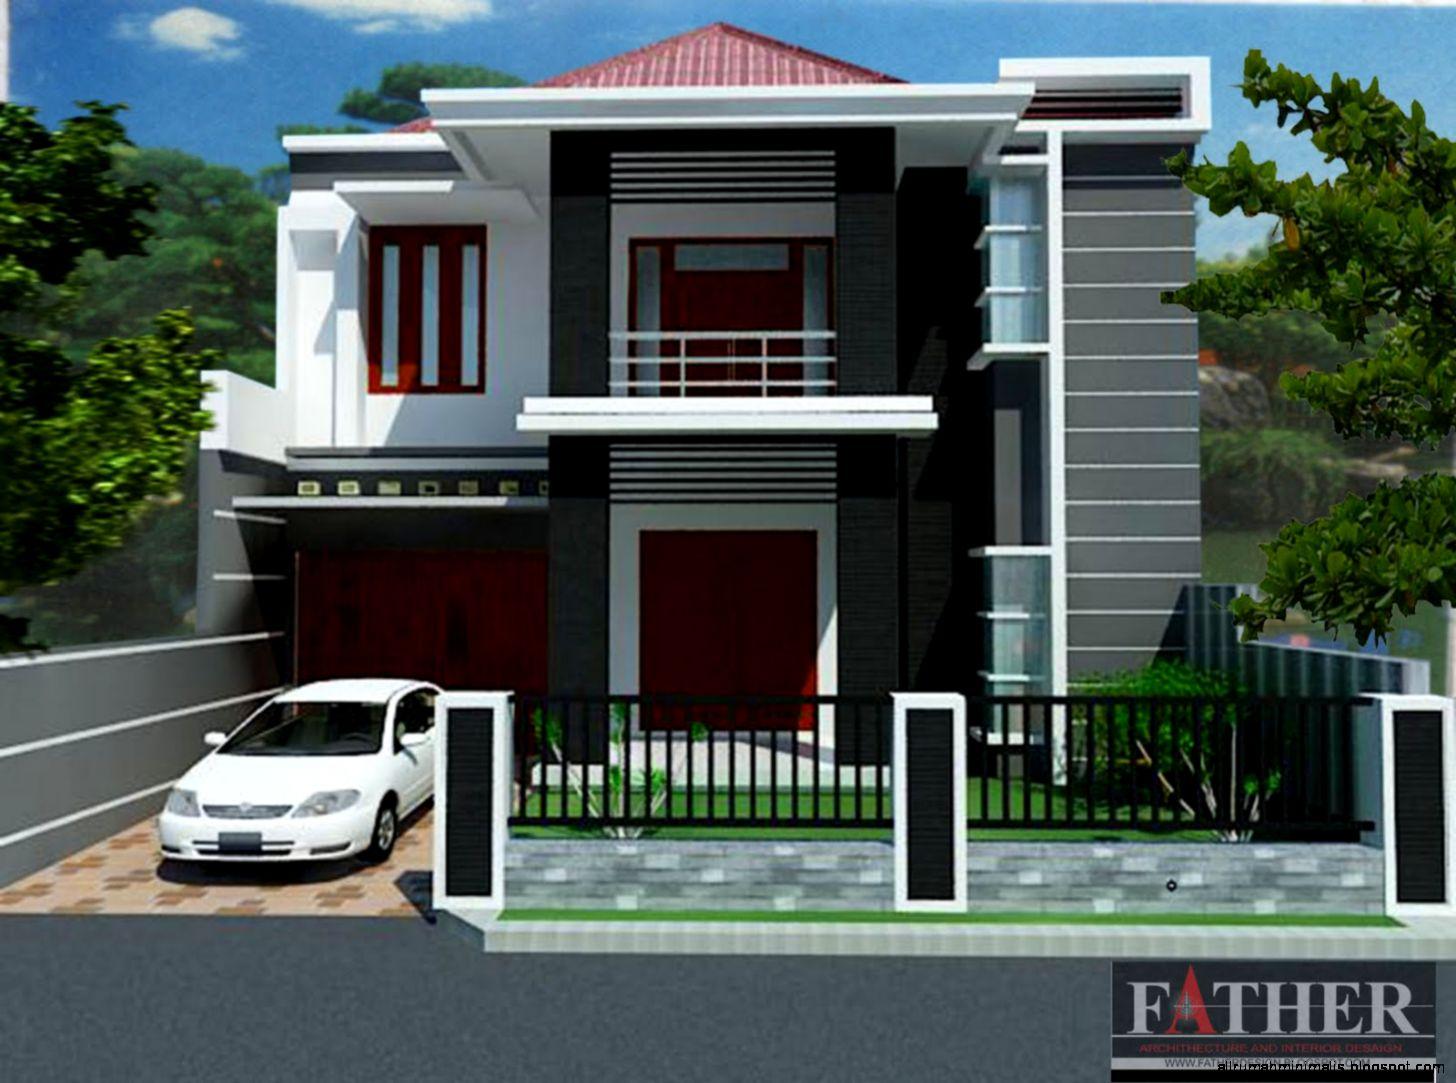 iGambari iDesain Pagar Rumah Minimalis Lantai 2i Terbaru